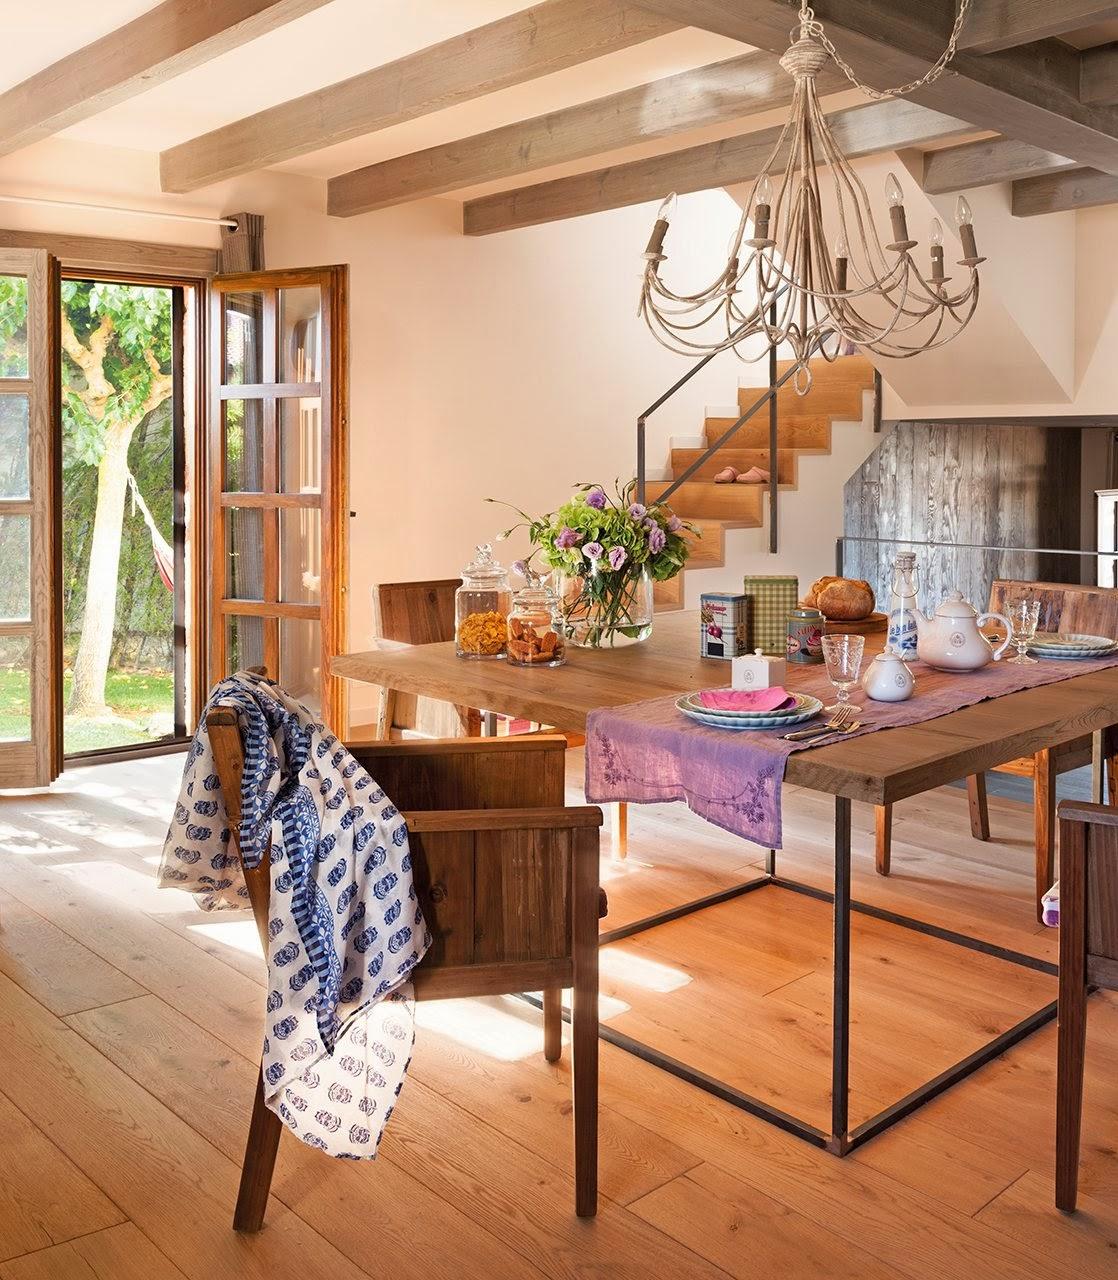 amenajari, interioare, decoratiuni, decor, design interior, casa de vacanta, culori neutre, sufragerie